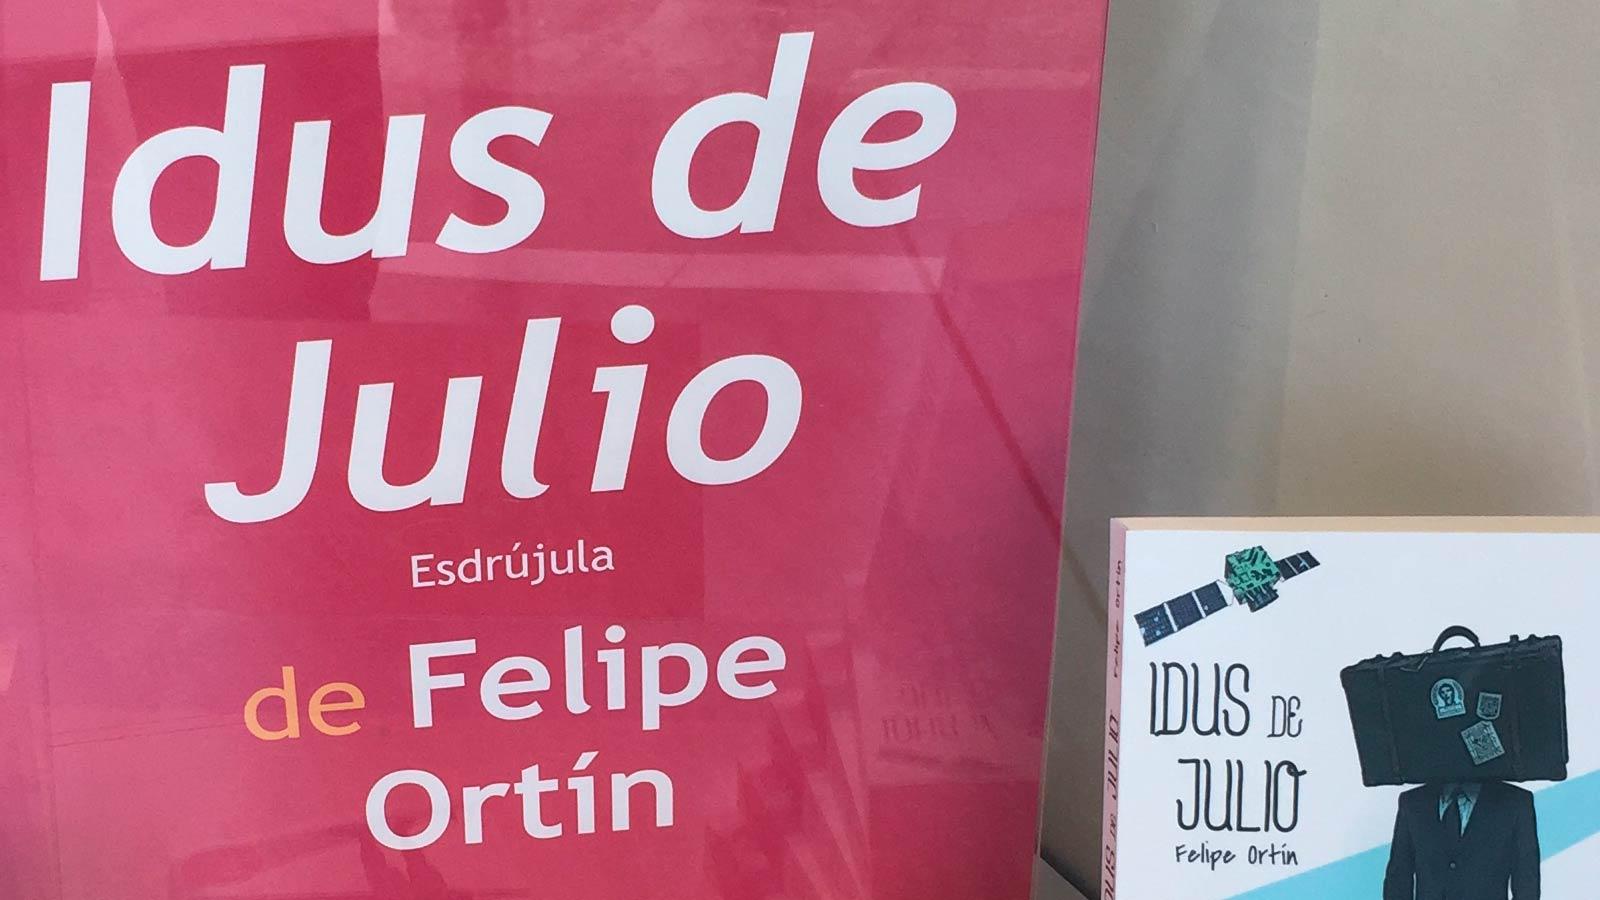 Firma Idus de Julio